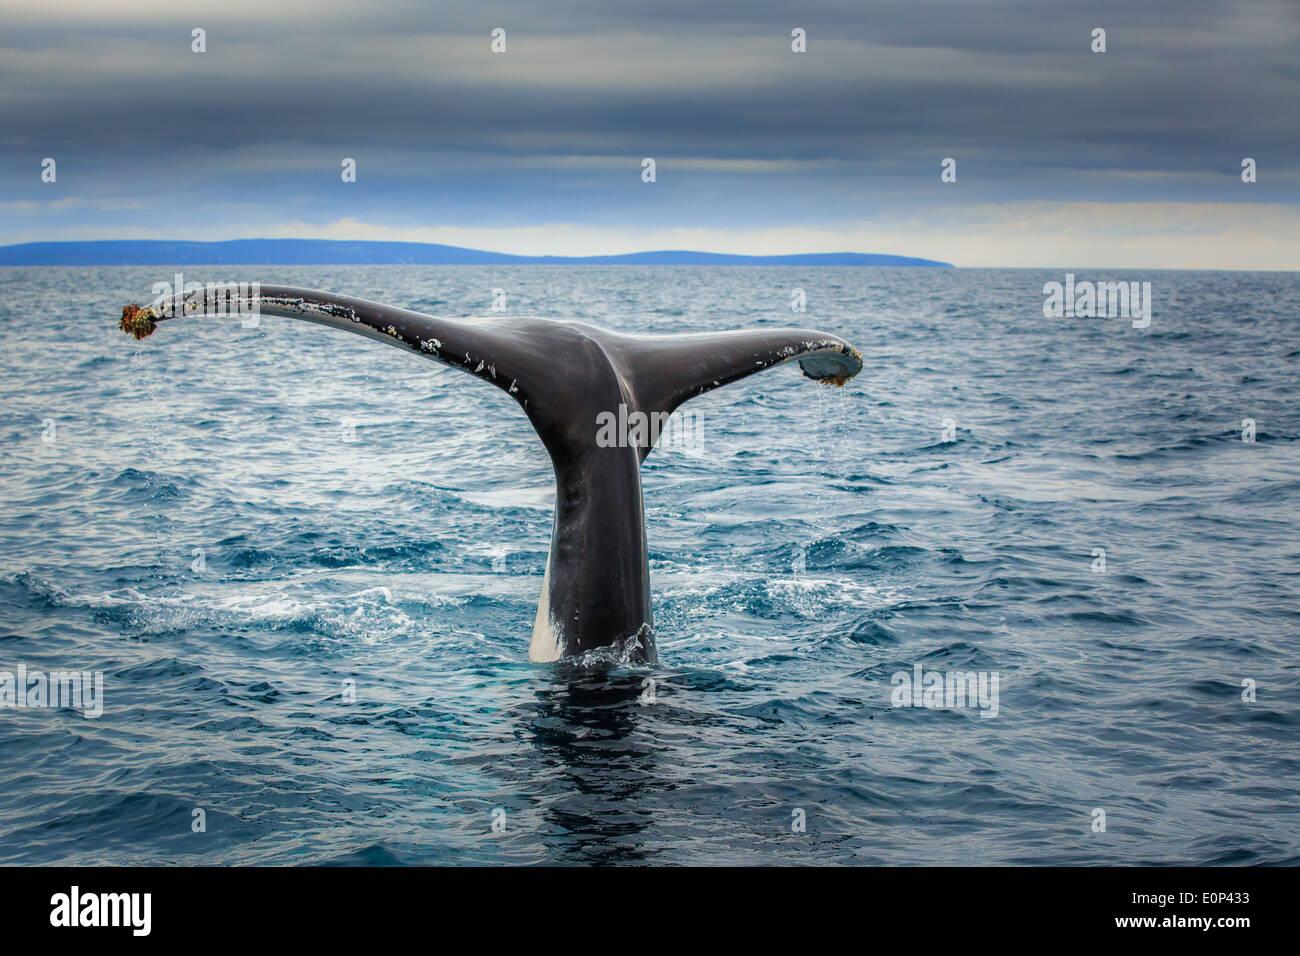 Zufall von einem Southern Right Whale (Eubalaena Australis), in der Nähe von Busselton, Western Australia Stockbild